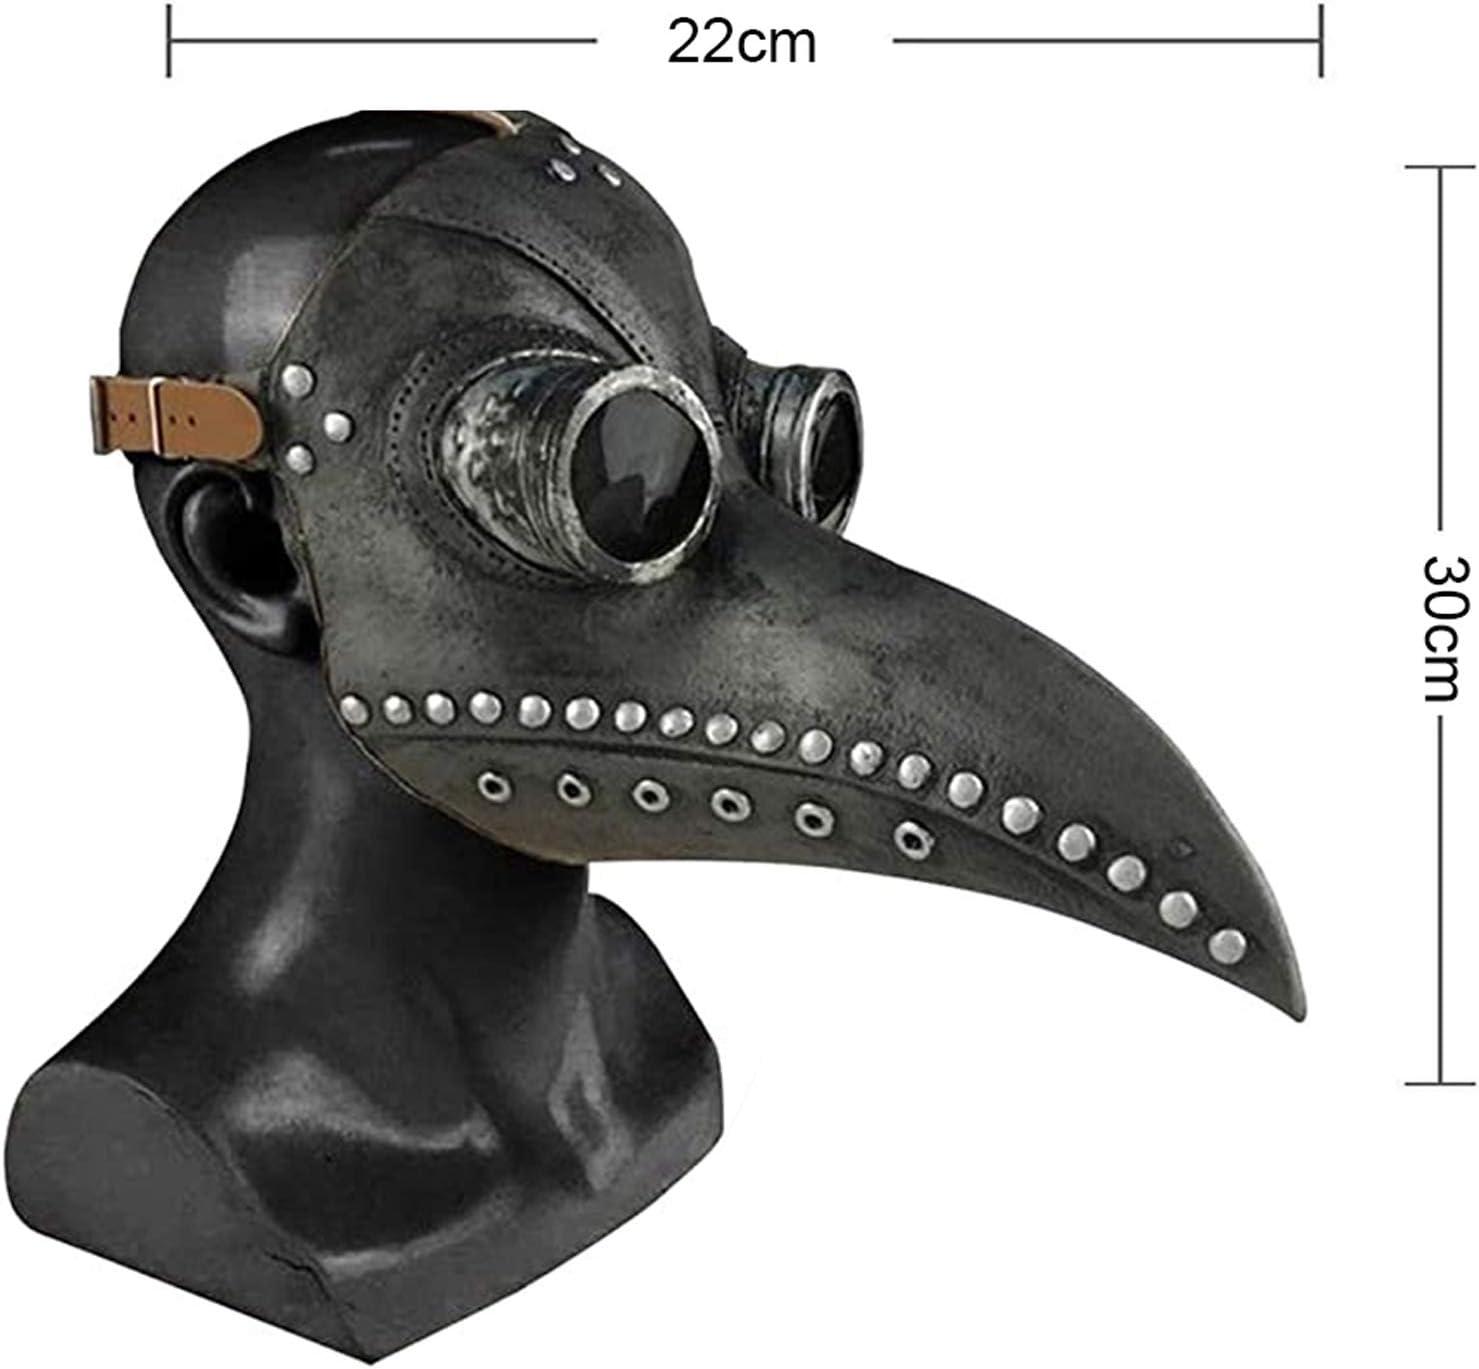 Masquerade Accessori Costume And Carnevale per Adulti ALINILA Maschera Becco for Halloween,Maschera del Medico della Peste Steampunk Maschera Naso Lungo Becco di Uccello